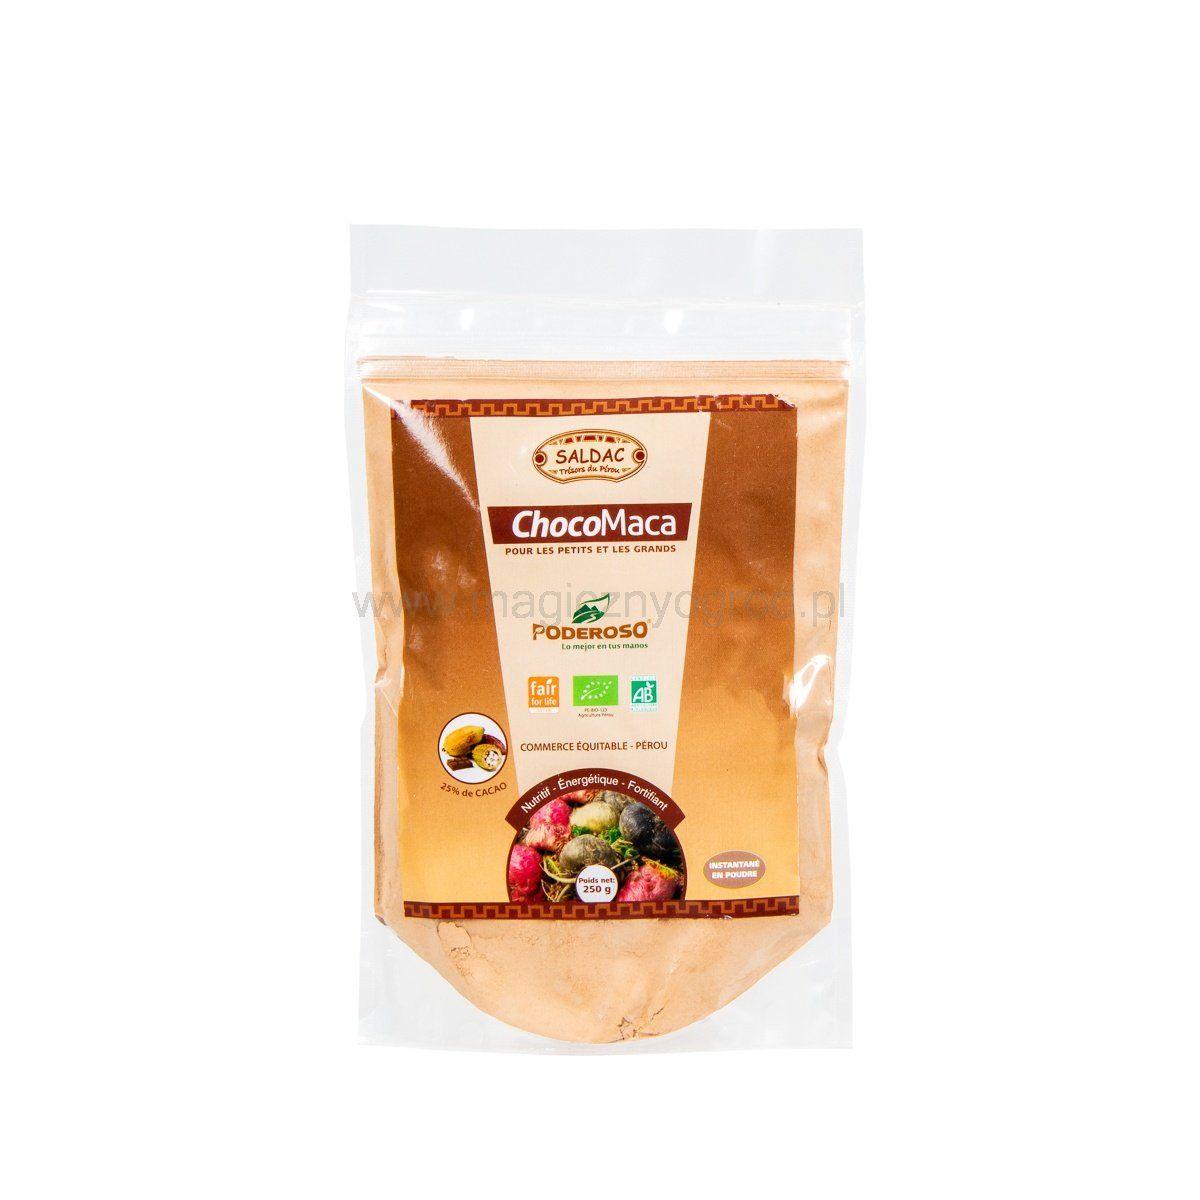 ChocoMaca Bio - Słodki napój śniadaniowy 250g